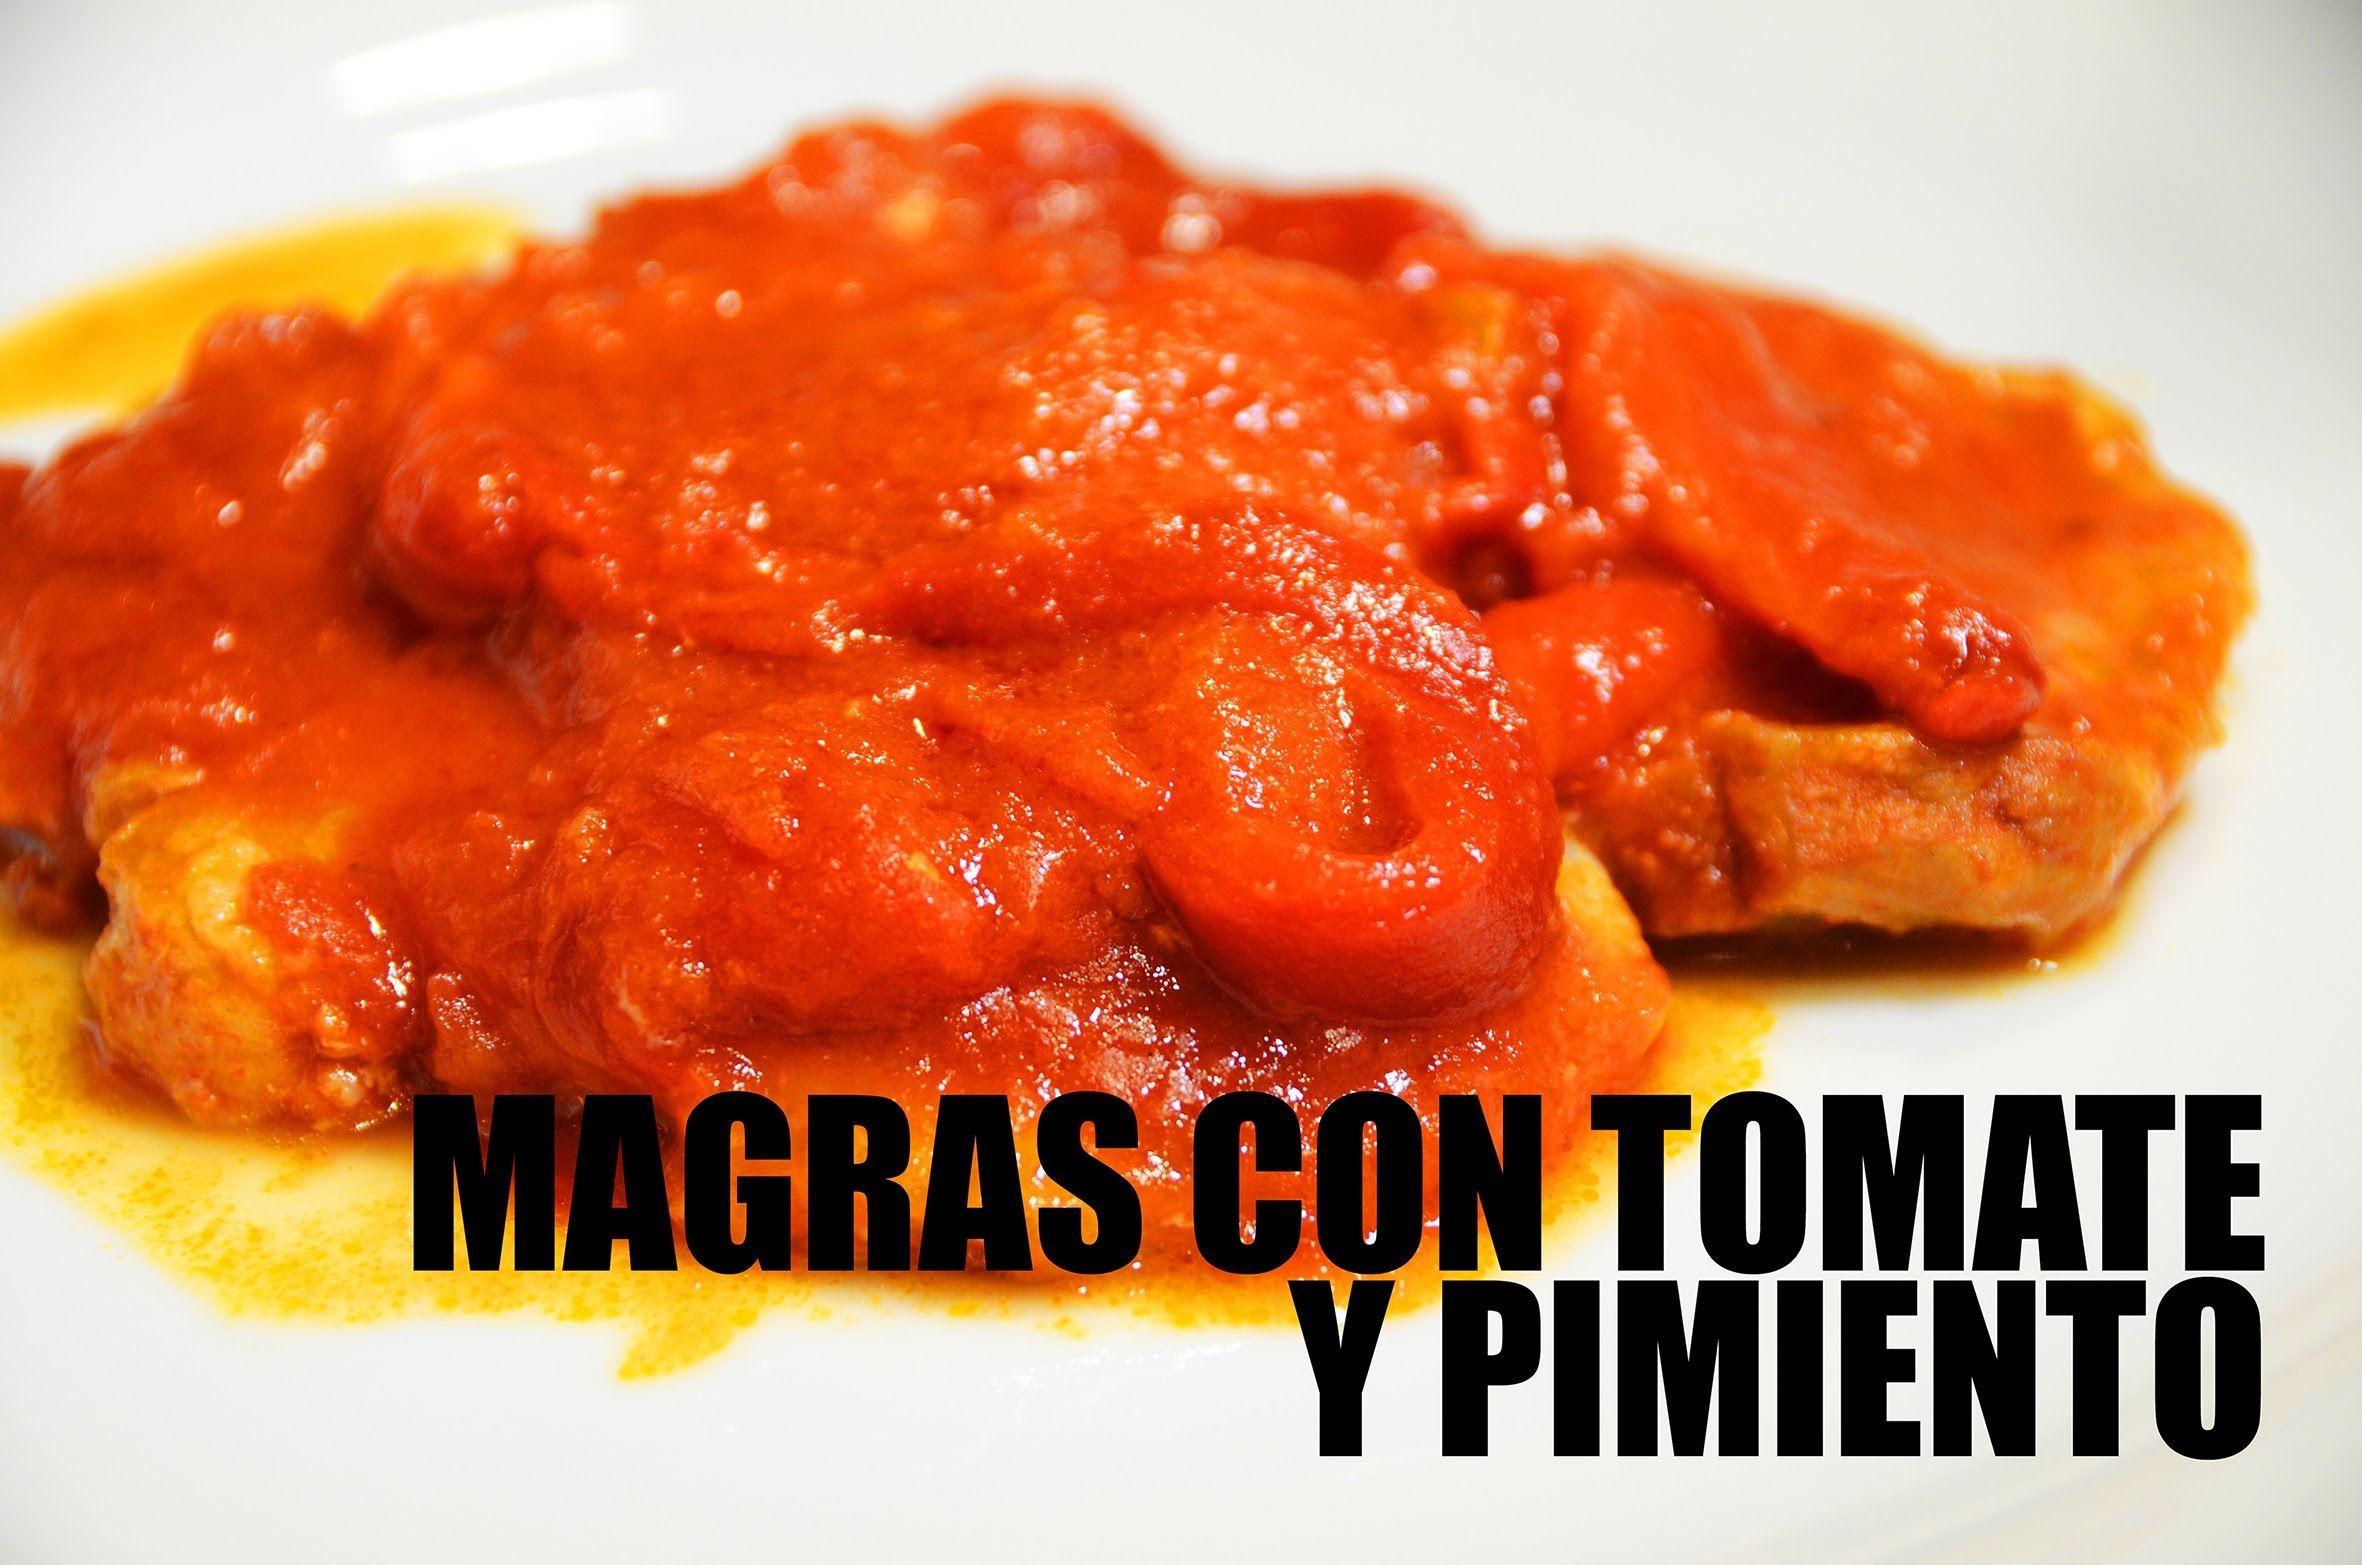 Tenemos una receta de lo mas sencillo, unos filetes de magro de cerdo adobado con tomate casero y pimientos asados en tiras que están de chuparse los dedos. Muy fácil y sencillo. Esta vez de la mano de nuestro viejo amigo Jorge Ruiz. Canal de Dicestuqueno : https://www.youtube.com/channel/UCMUQHopfPLwYLtNGu6yMaDg